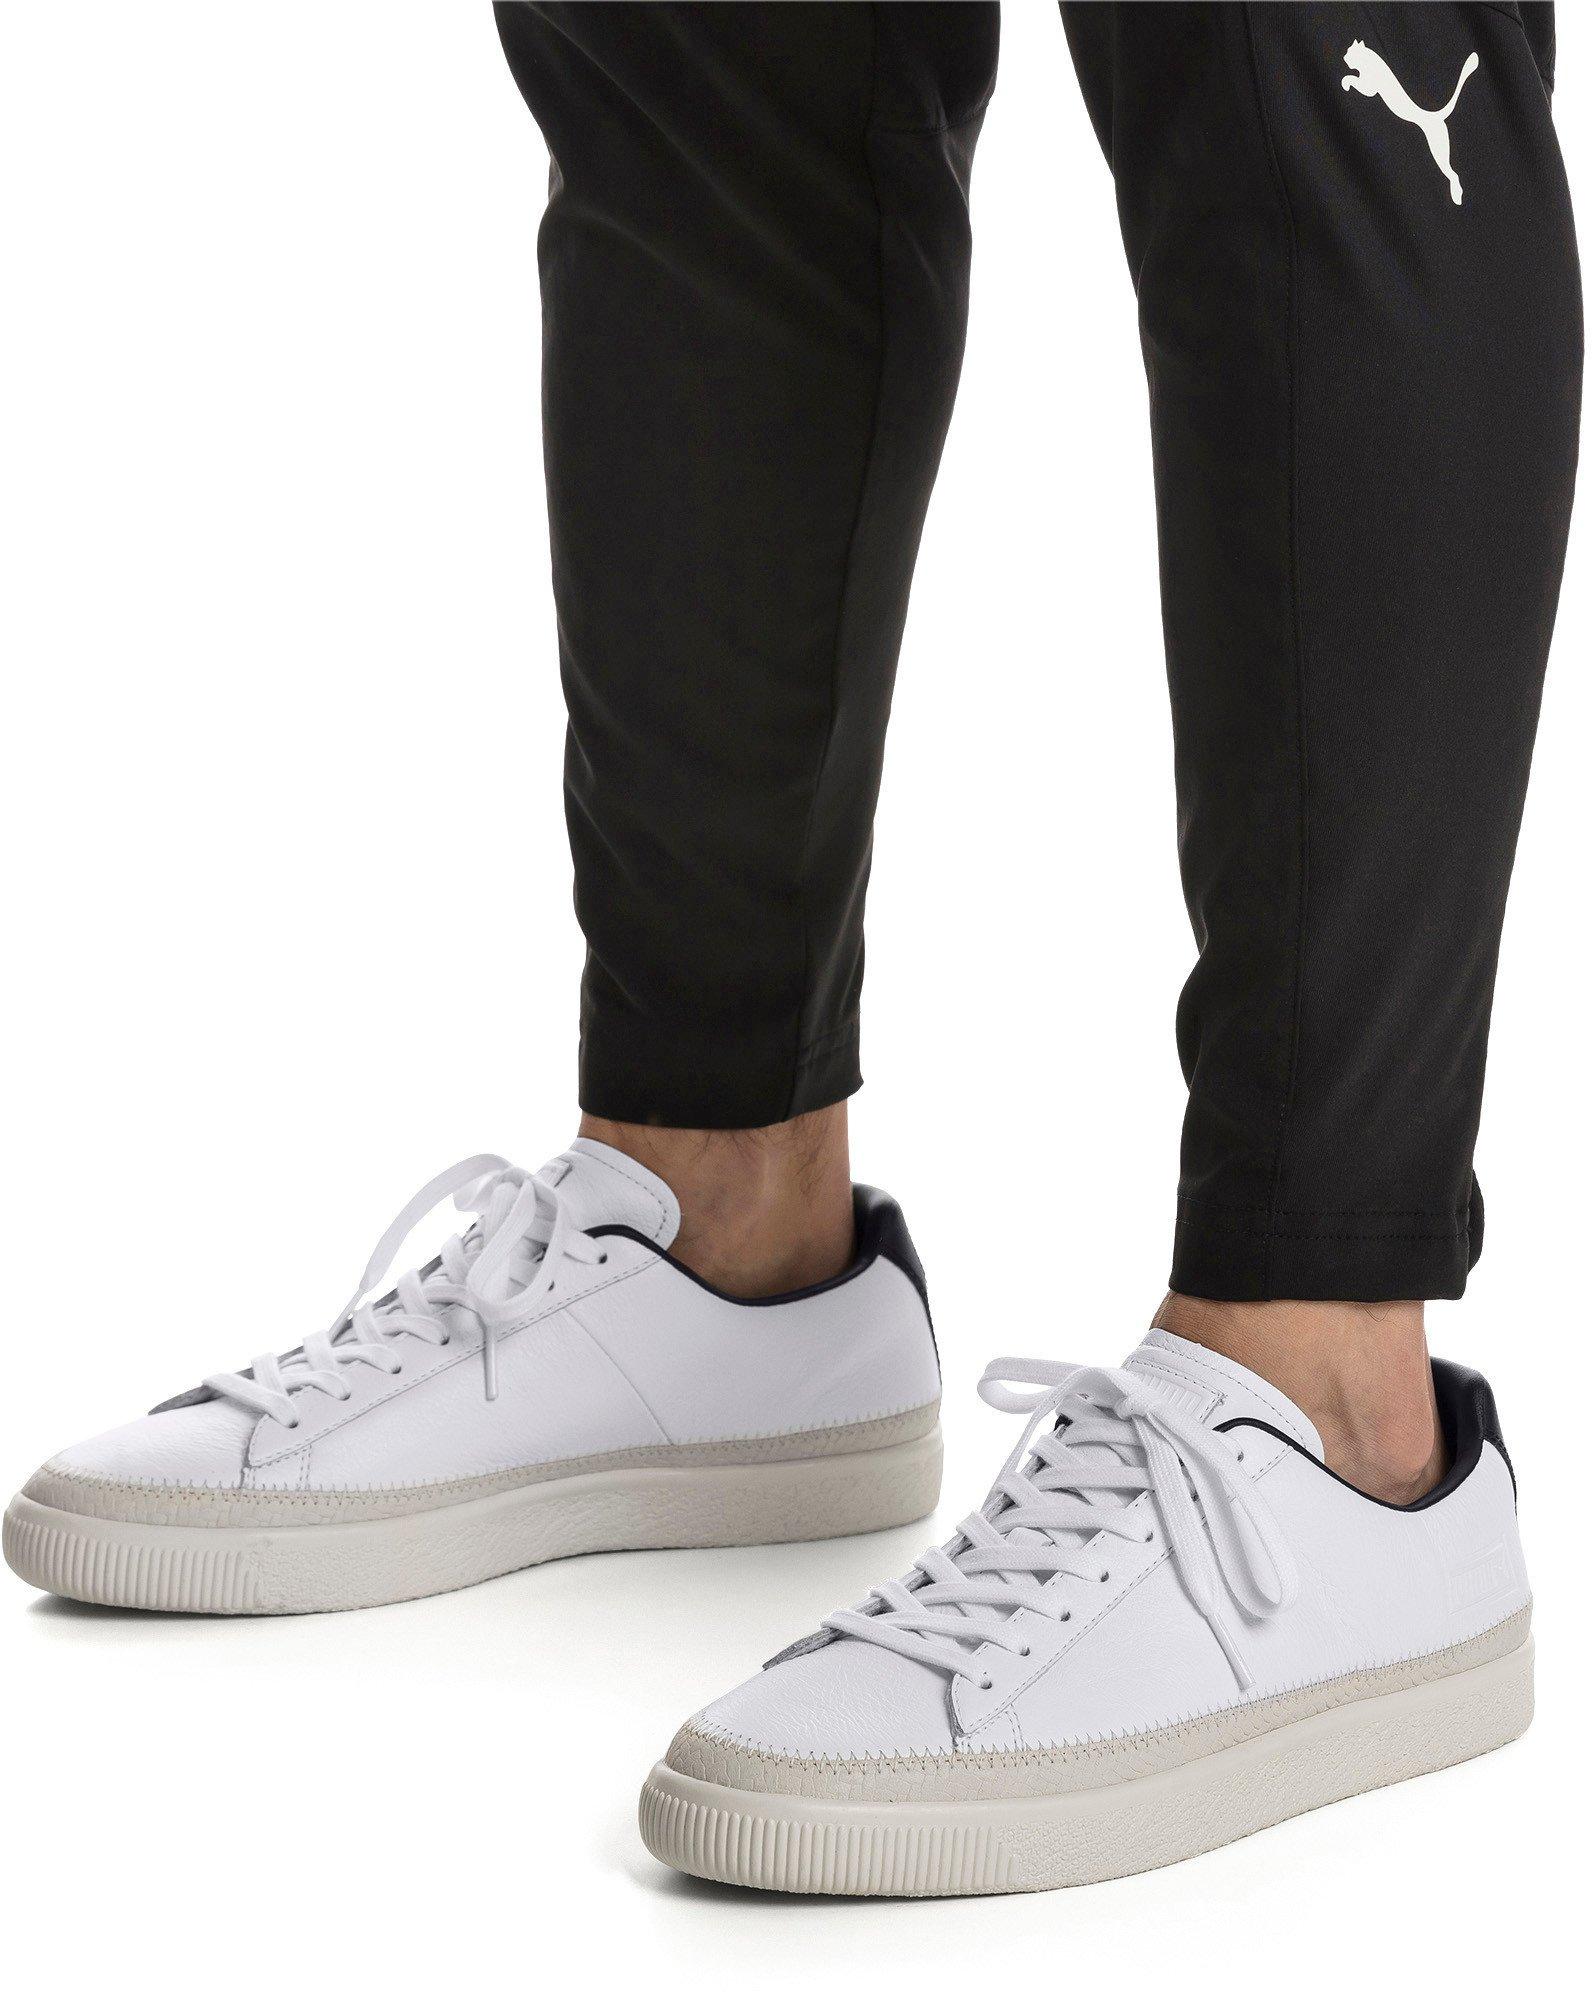 Shoes Puma Basket Trim - Top4Running.com